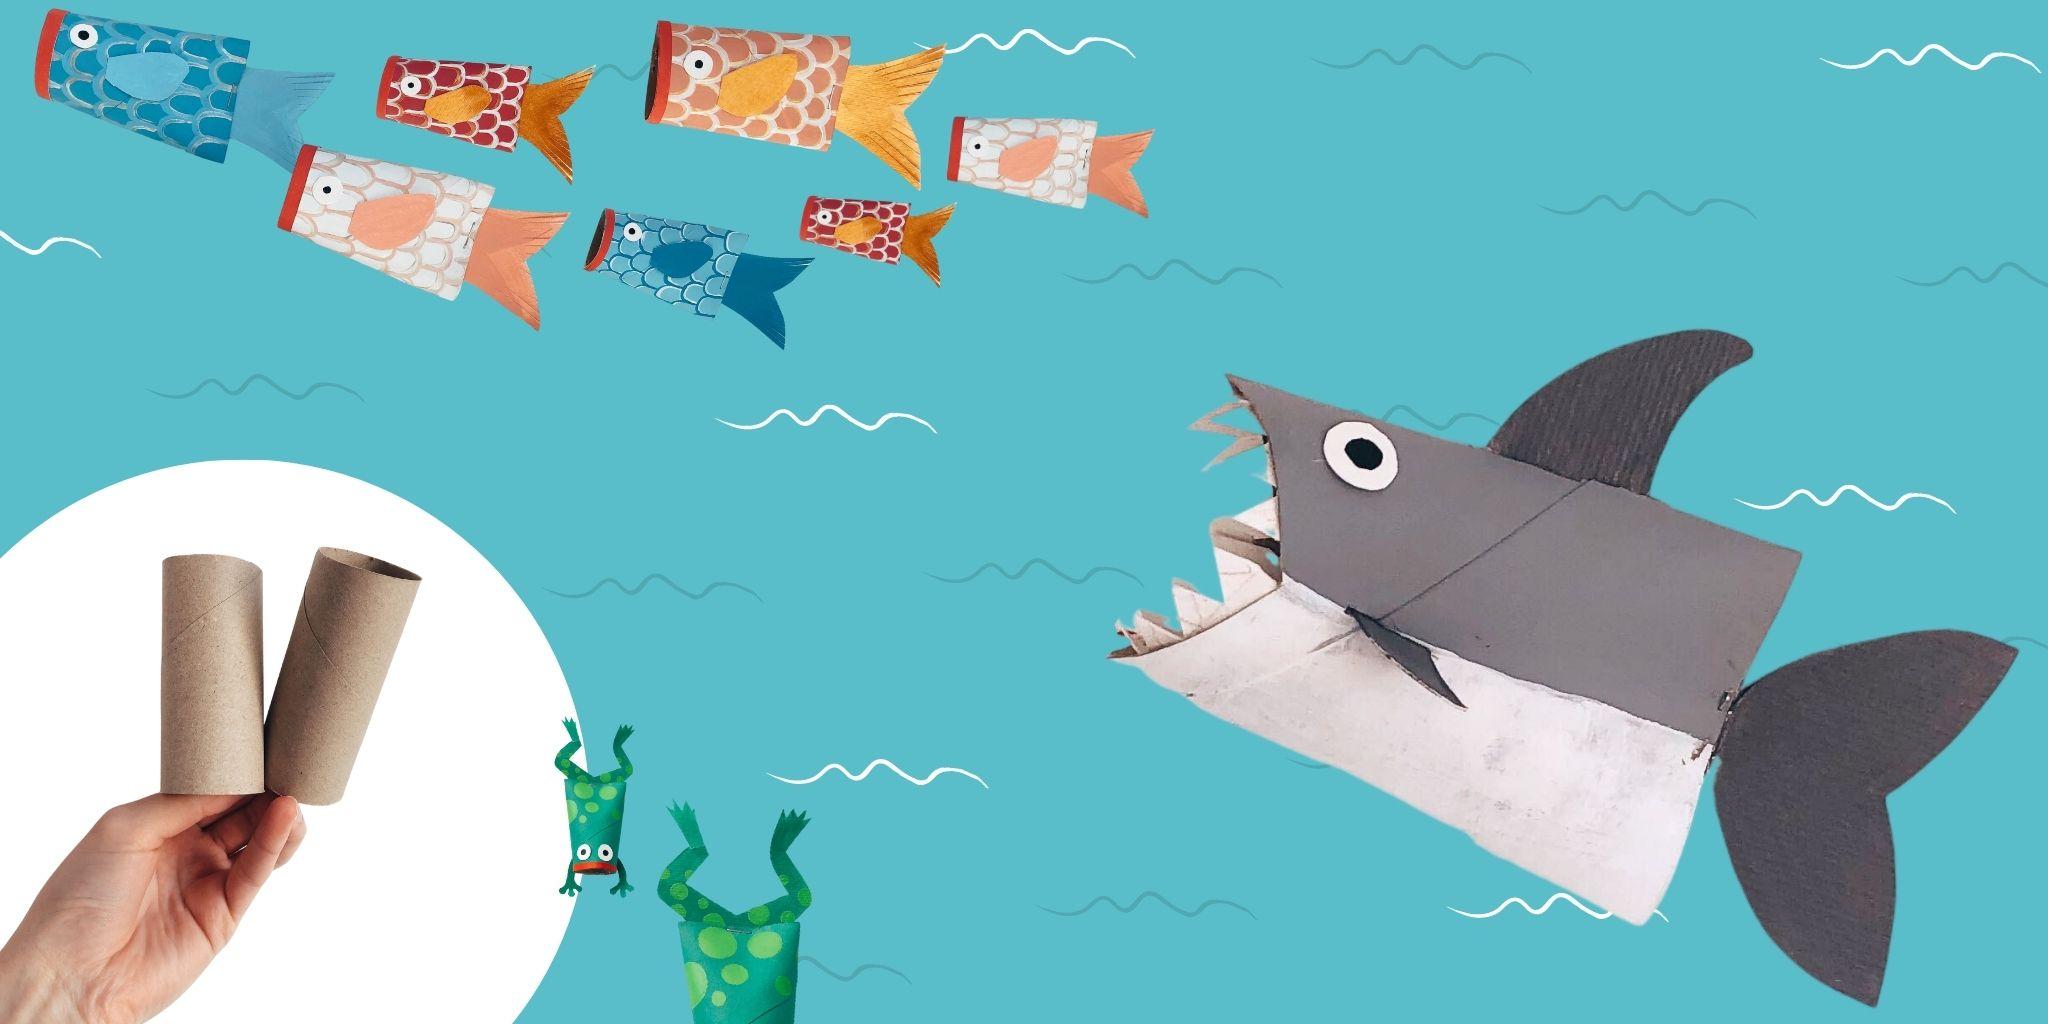 Criaturas do mar em rolos de papel higiénico: tubarão, sapo e peixe